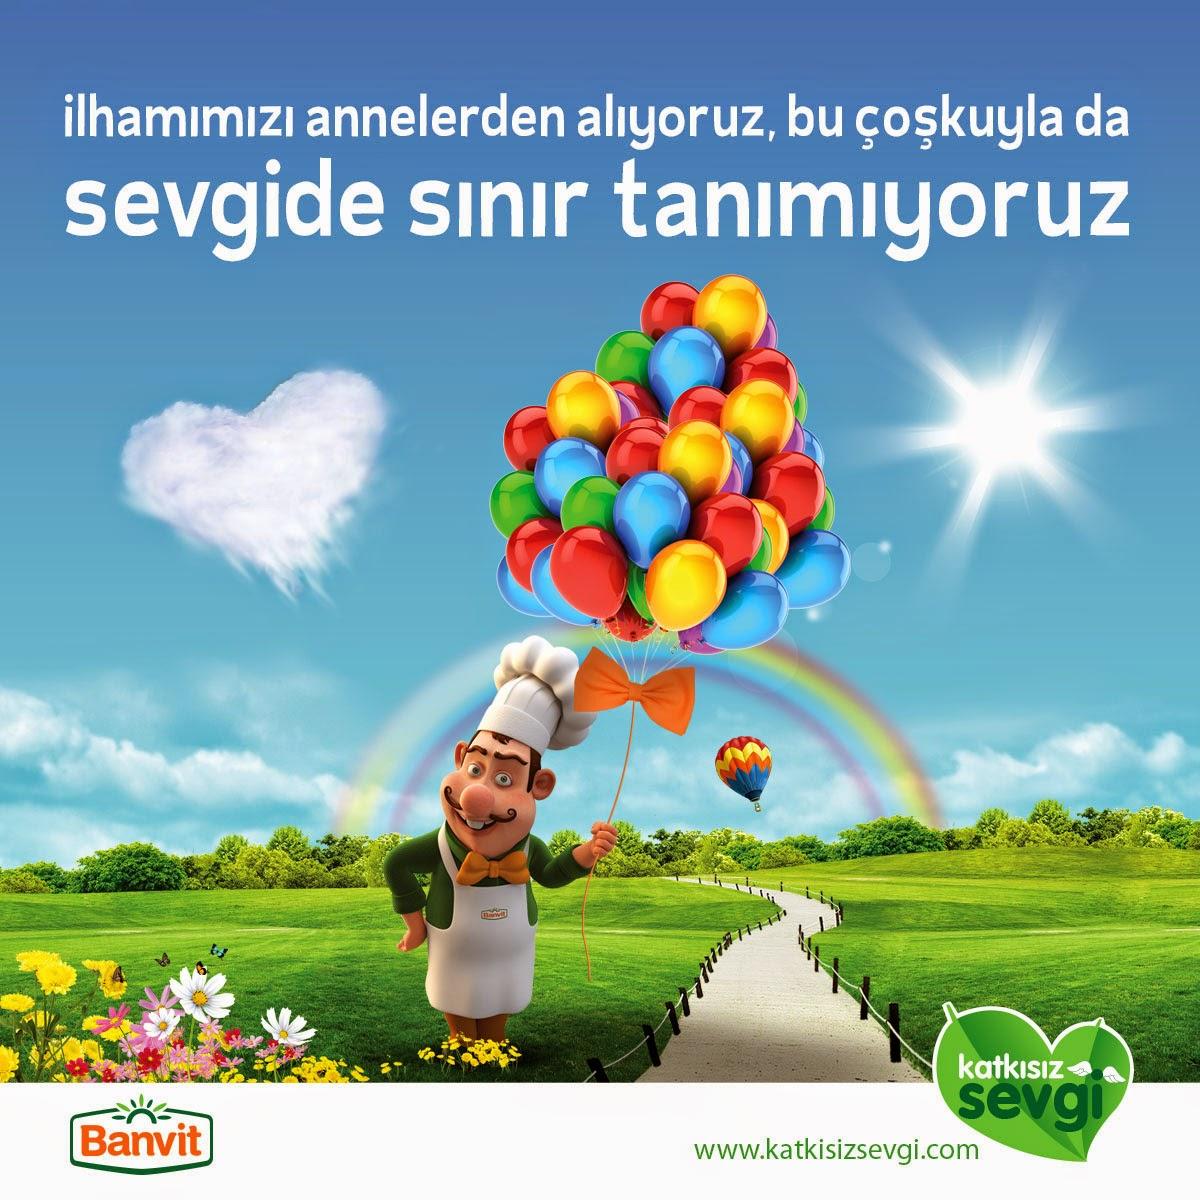 http://katkisizsevgi.com/